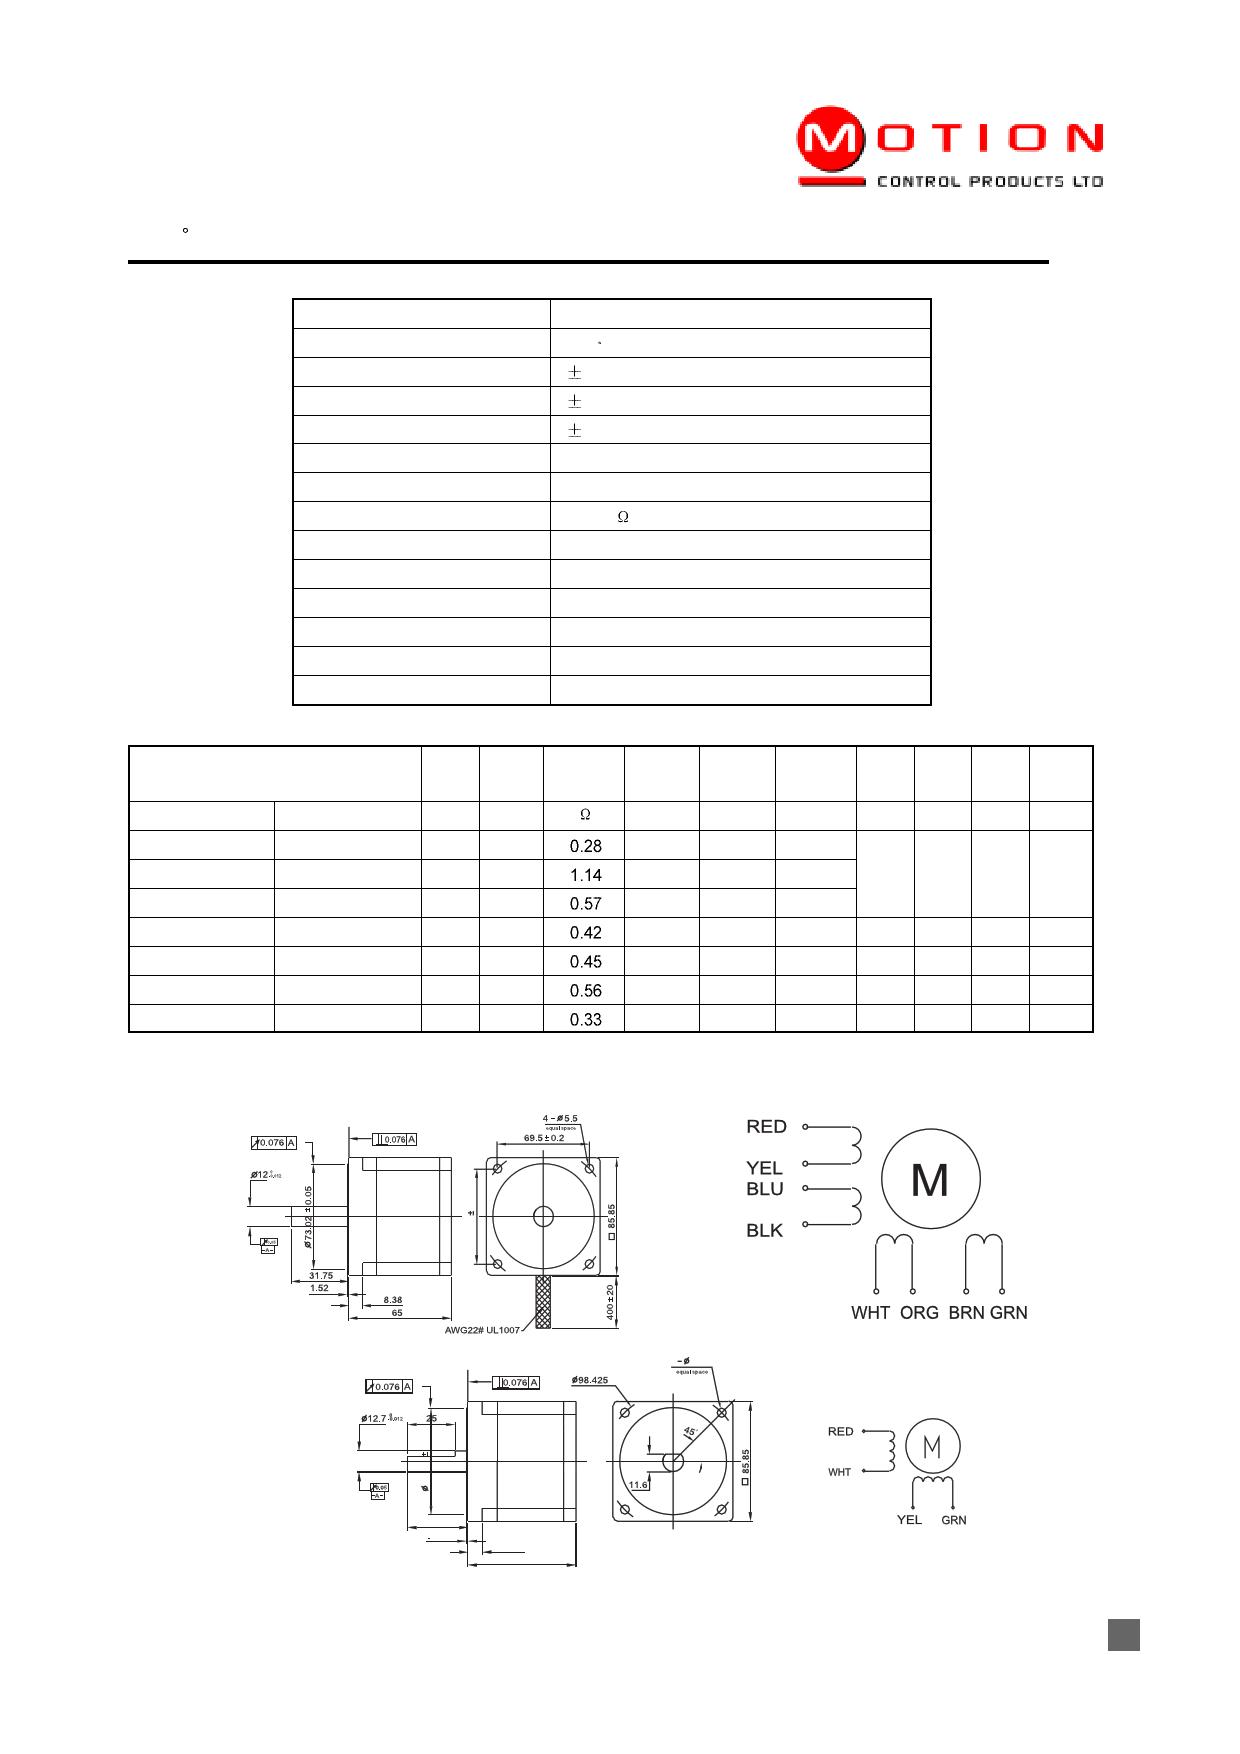 FL86STH195-8504B Datasheet, FL86STH195-8504B PDF,ピン配置, 機能